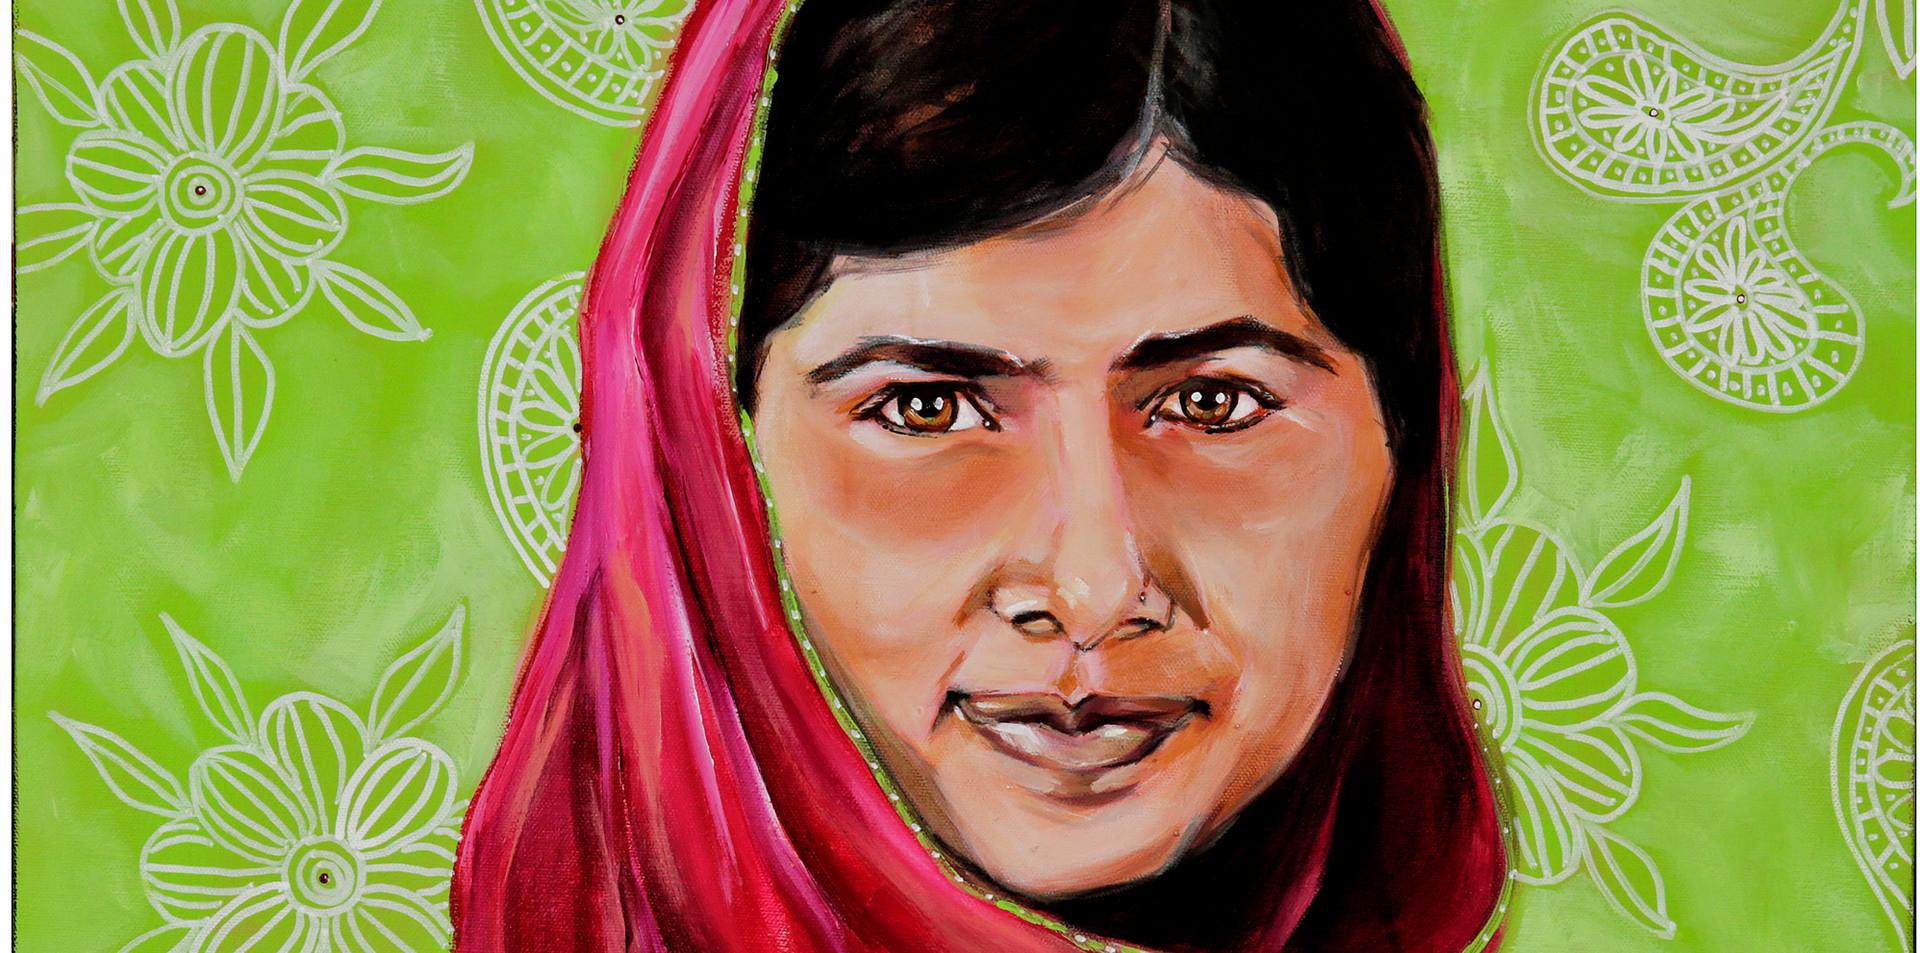 Malala's Sacred Heart